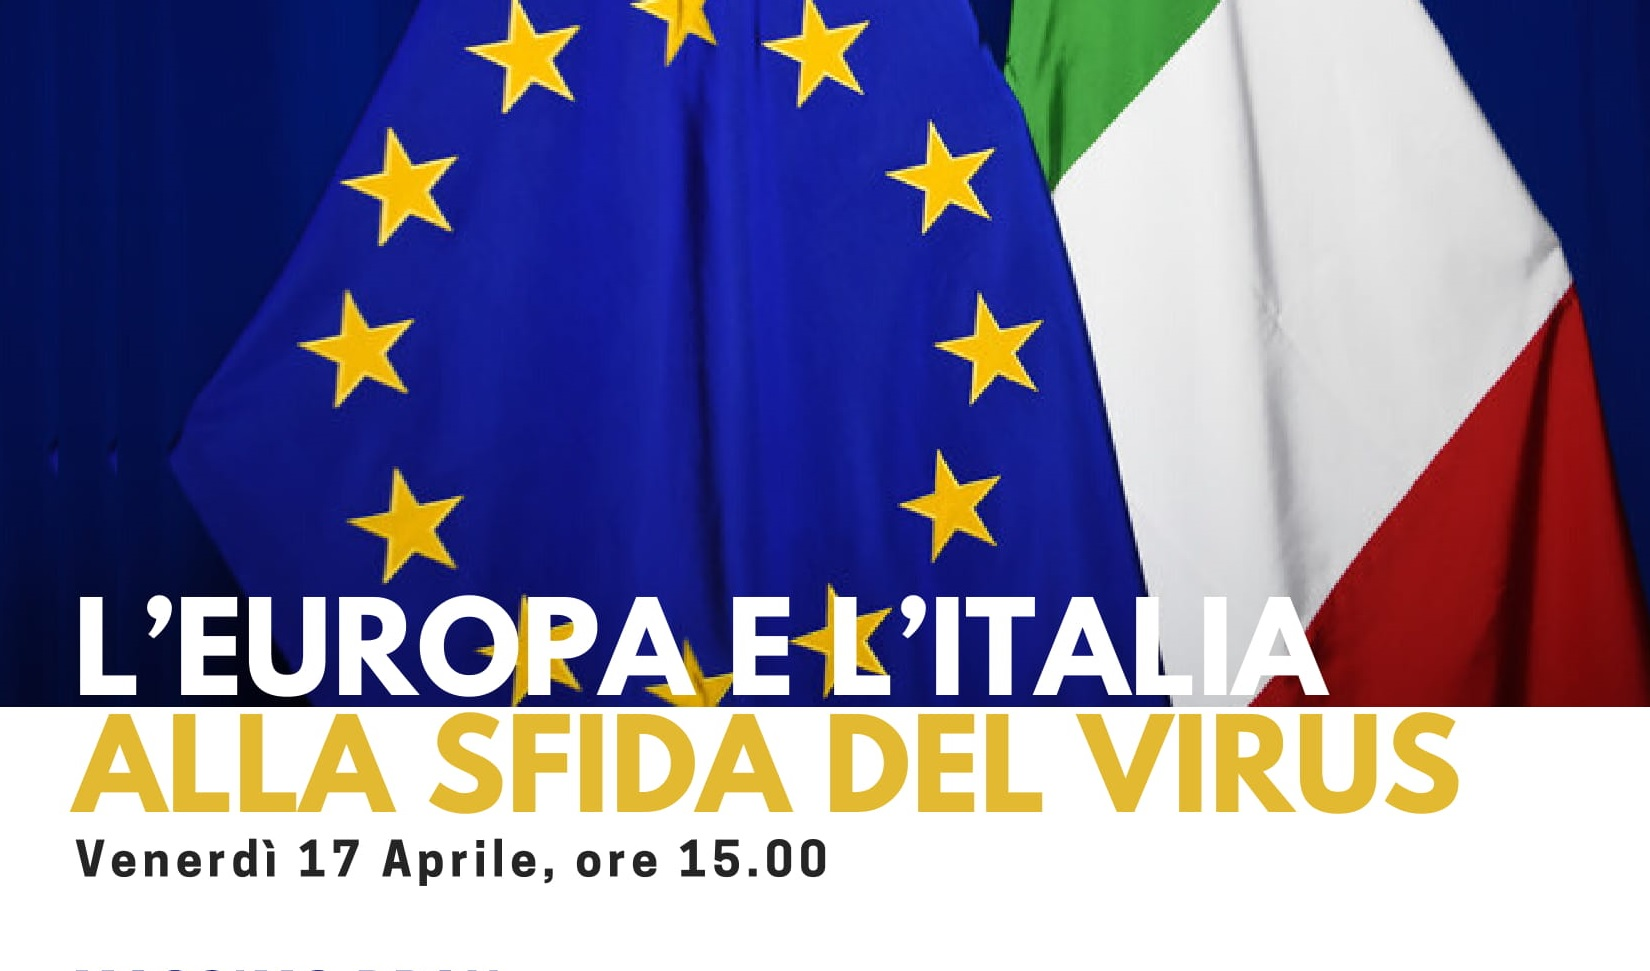 L'Europa e l'Italia alla sfida del virus